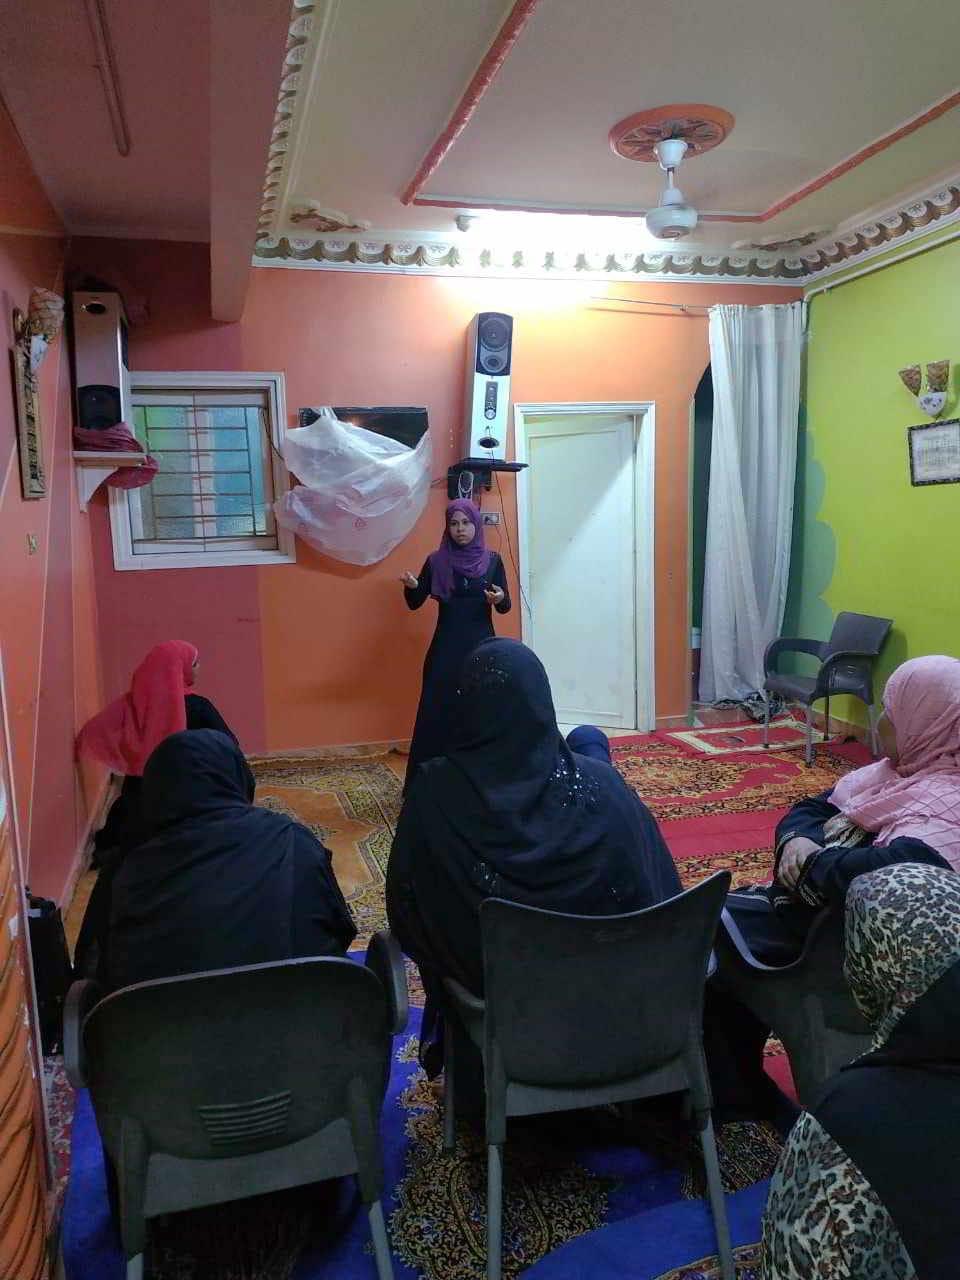 شركة مياه الشرب بالأقصر تجوب الشوارع لإطلاق حملة عدم إهدار المياه قبل عيد الفطر المبارك (3)